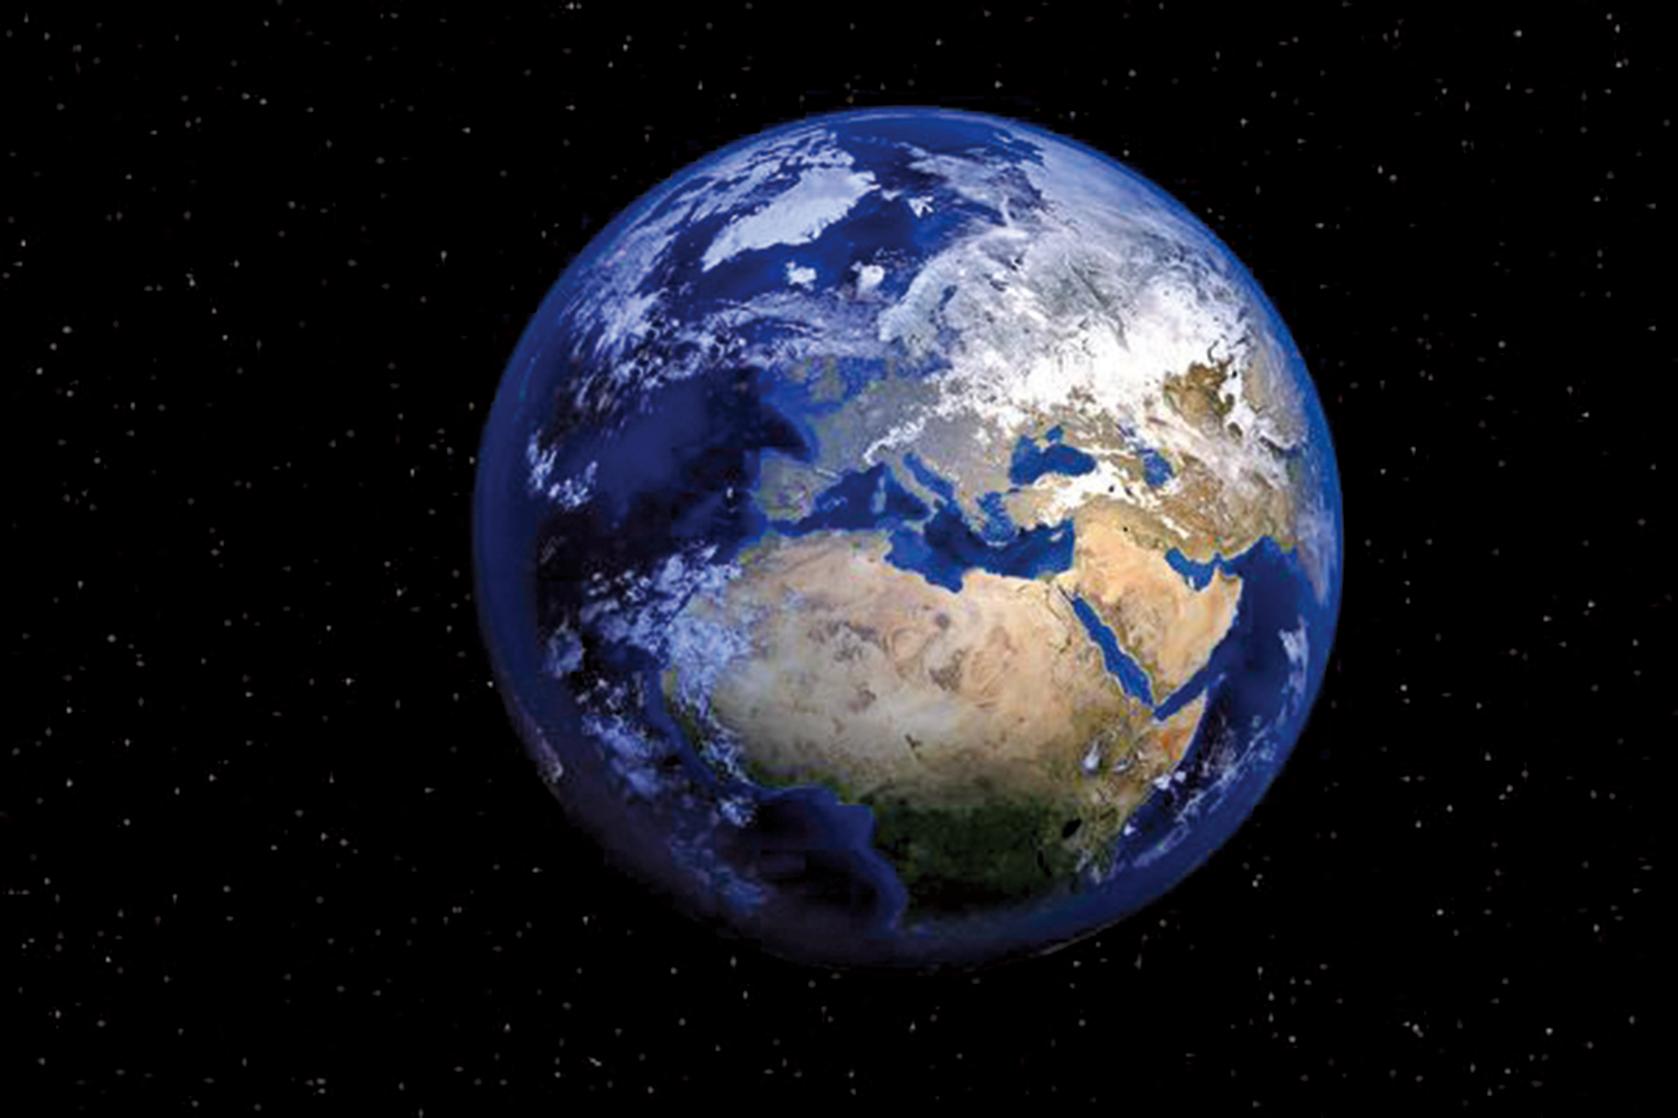 澳洲國立大學的研究顯示,地球內部還存在第五層結構。此為地球的示意圖。(Pixabay)